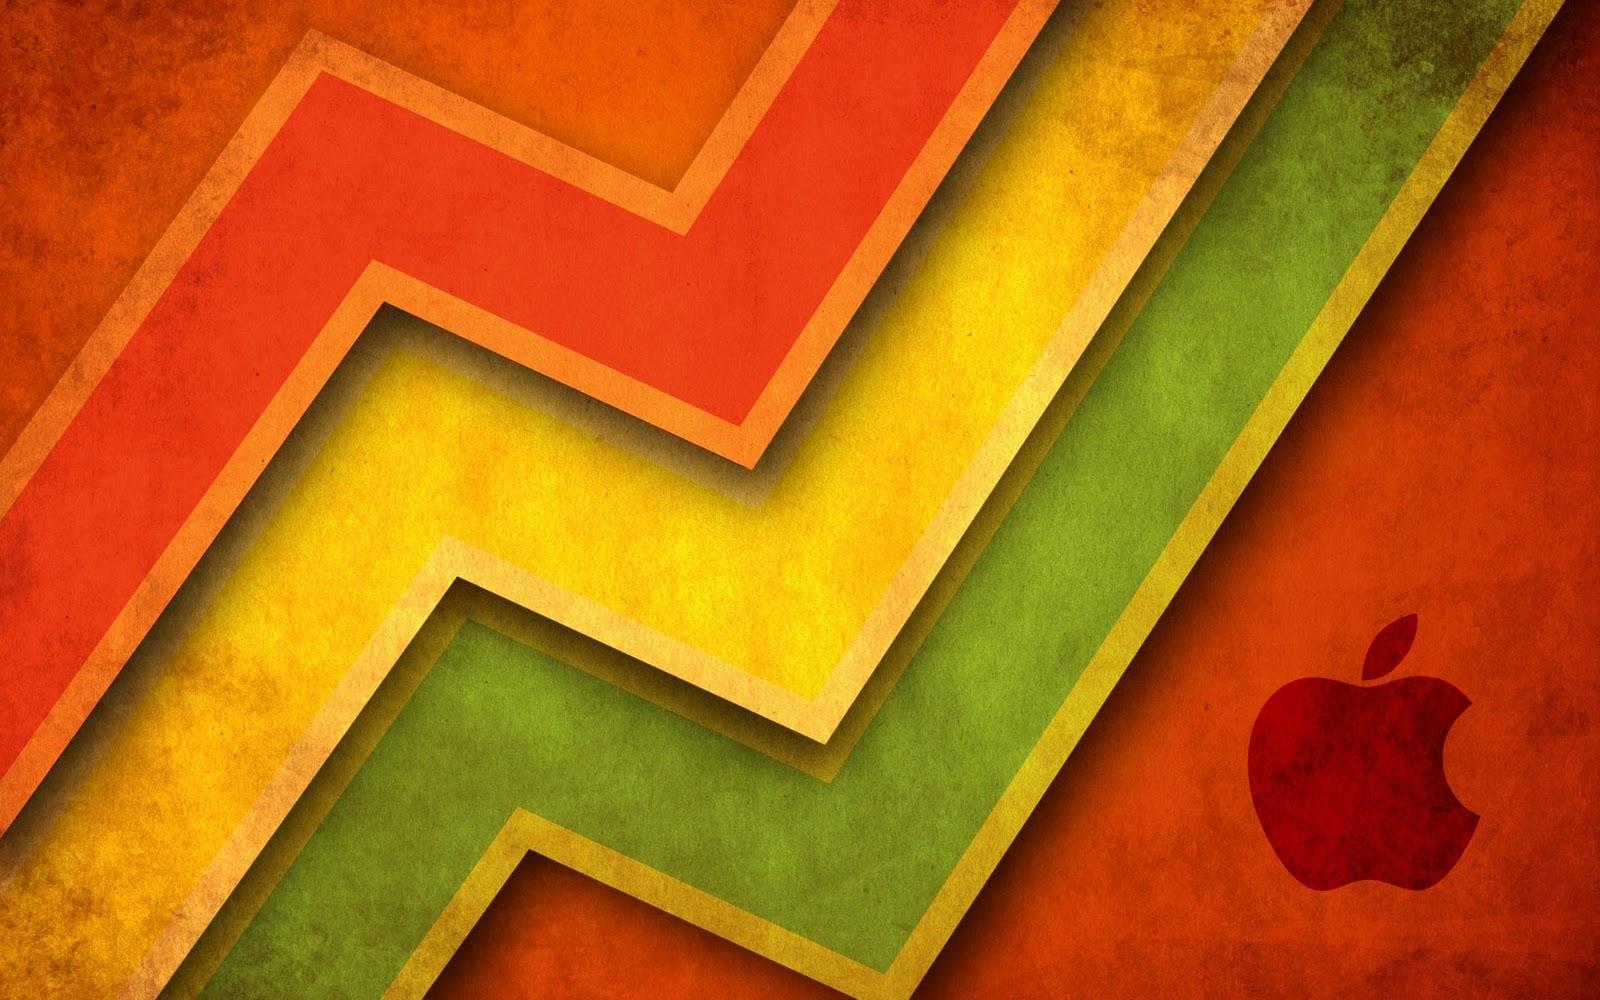 http://4.bp.blogspot.com/_Gi4plYyx3ww/TOuZmnfULVI/AAAAAAAAAEs/0ujm5N0qV2E/s1600/Mac_Pro_Parallels_Desktop_Widescreen_wallpaper.jpg